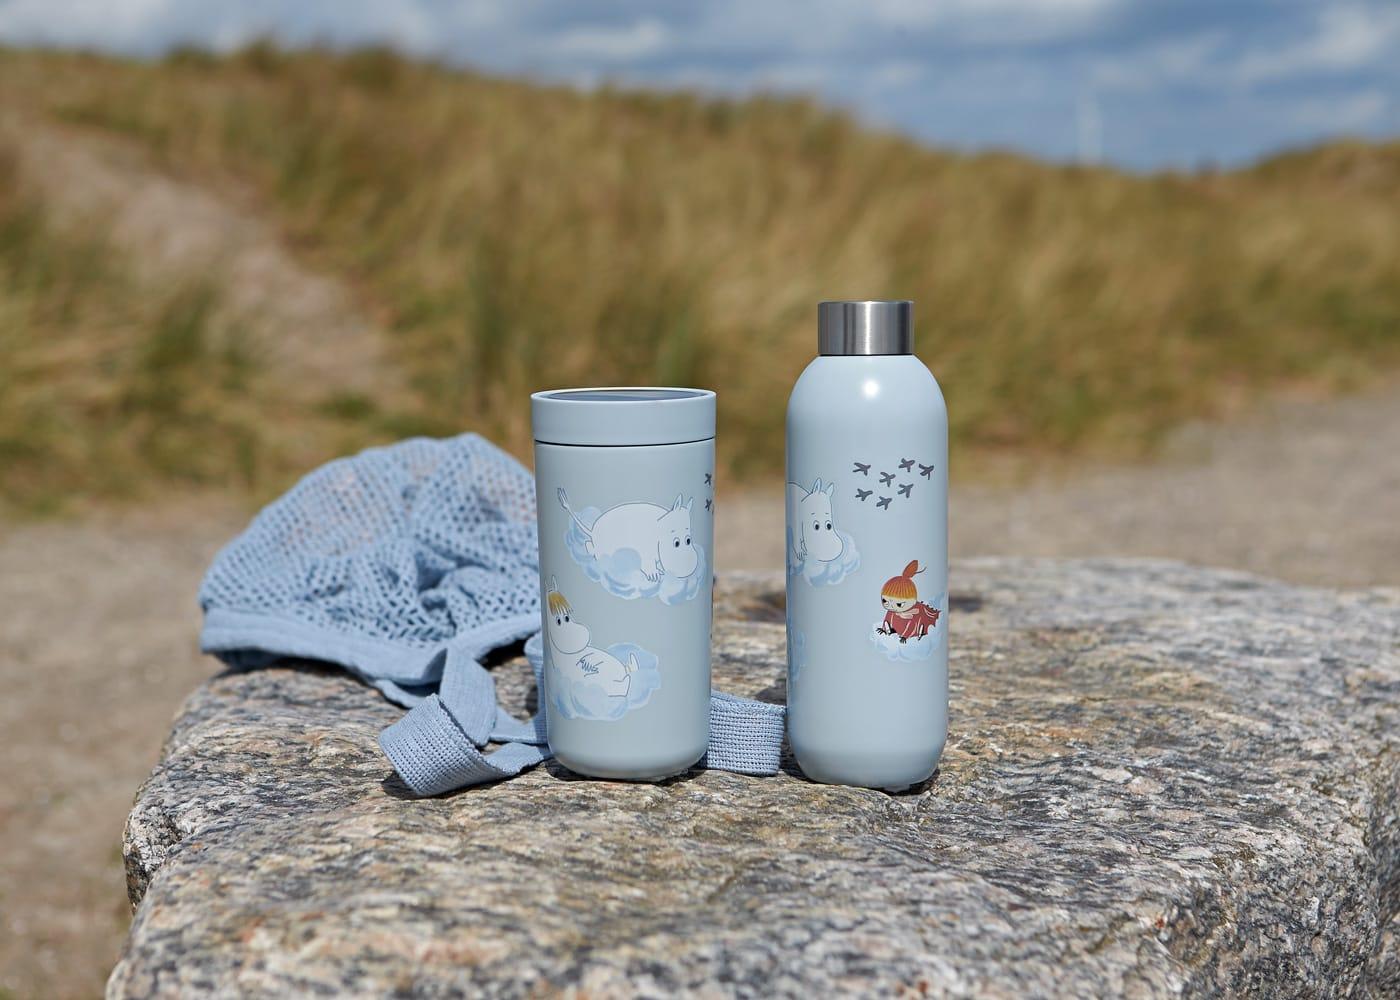 Praktisch für unterwegs und Reisen mit Kindern – To Go Becher und Flaschen im Mumin-Design von Stelton // HIMBEER